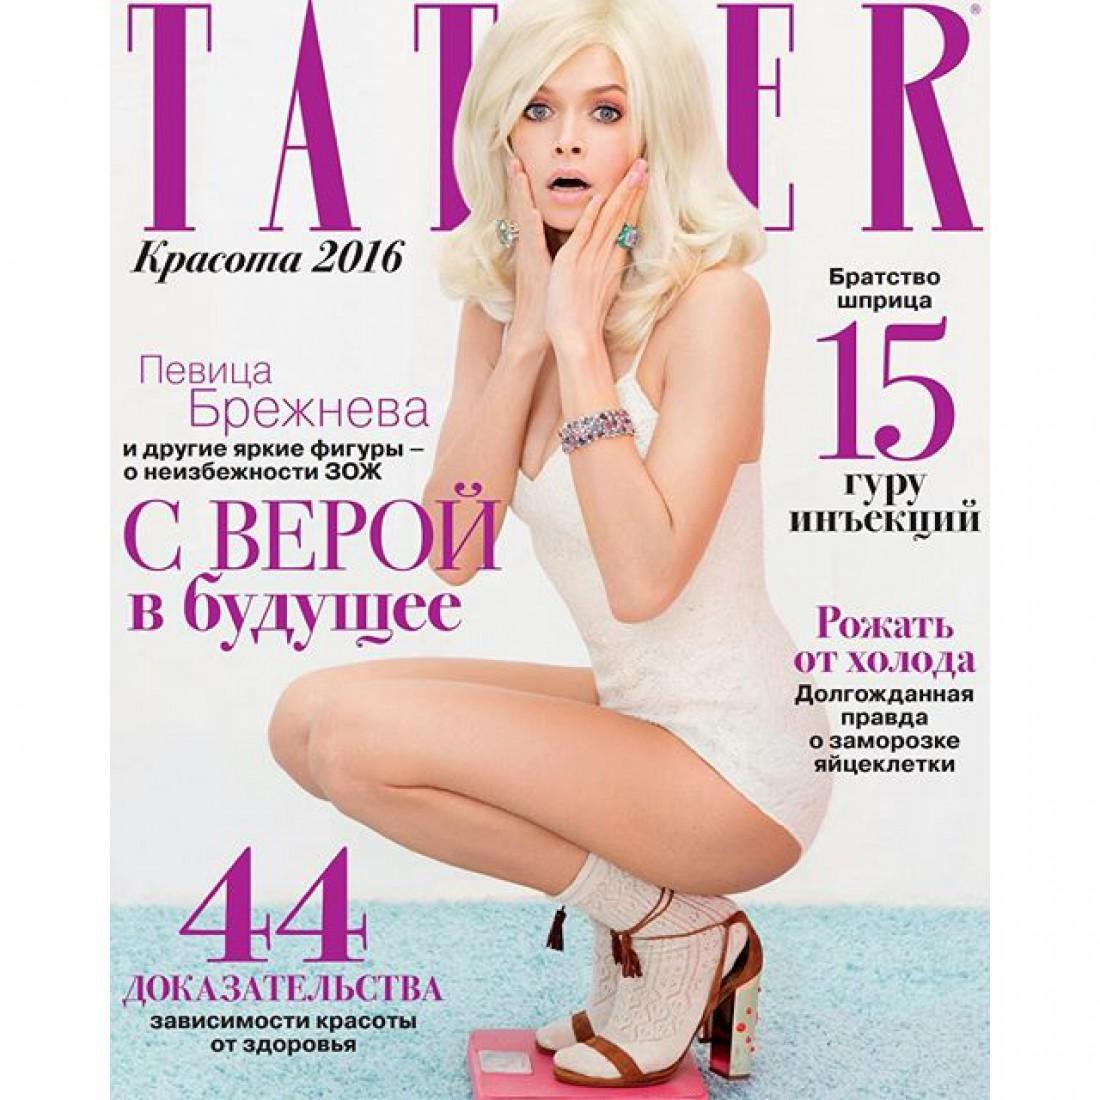 Певица украсила обложку российского журнала